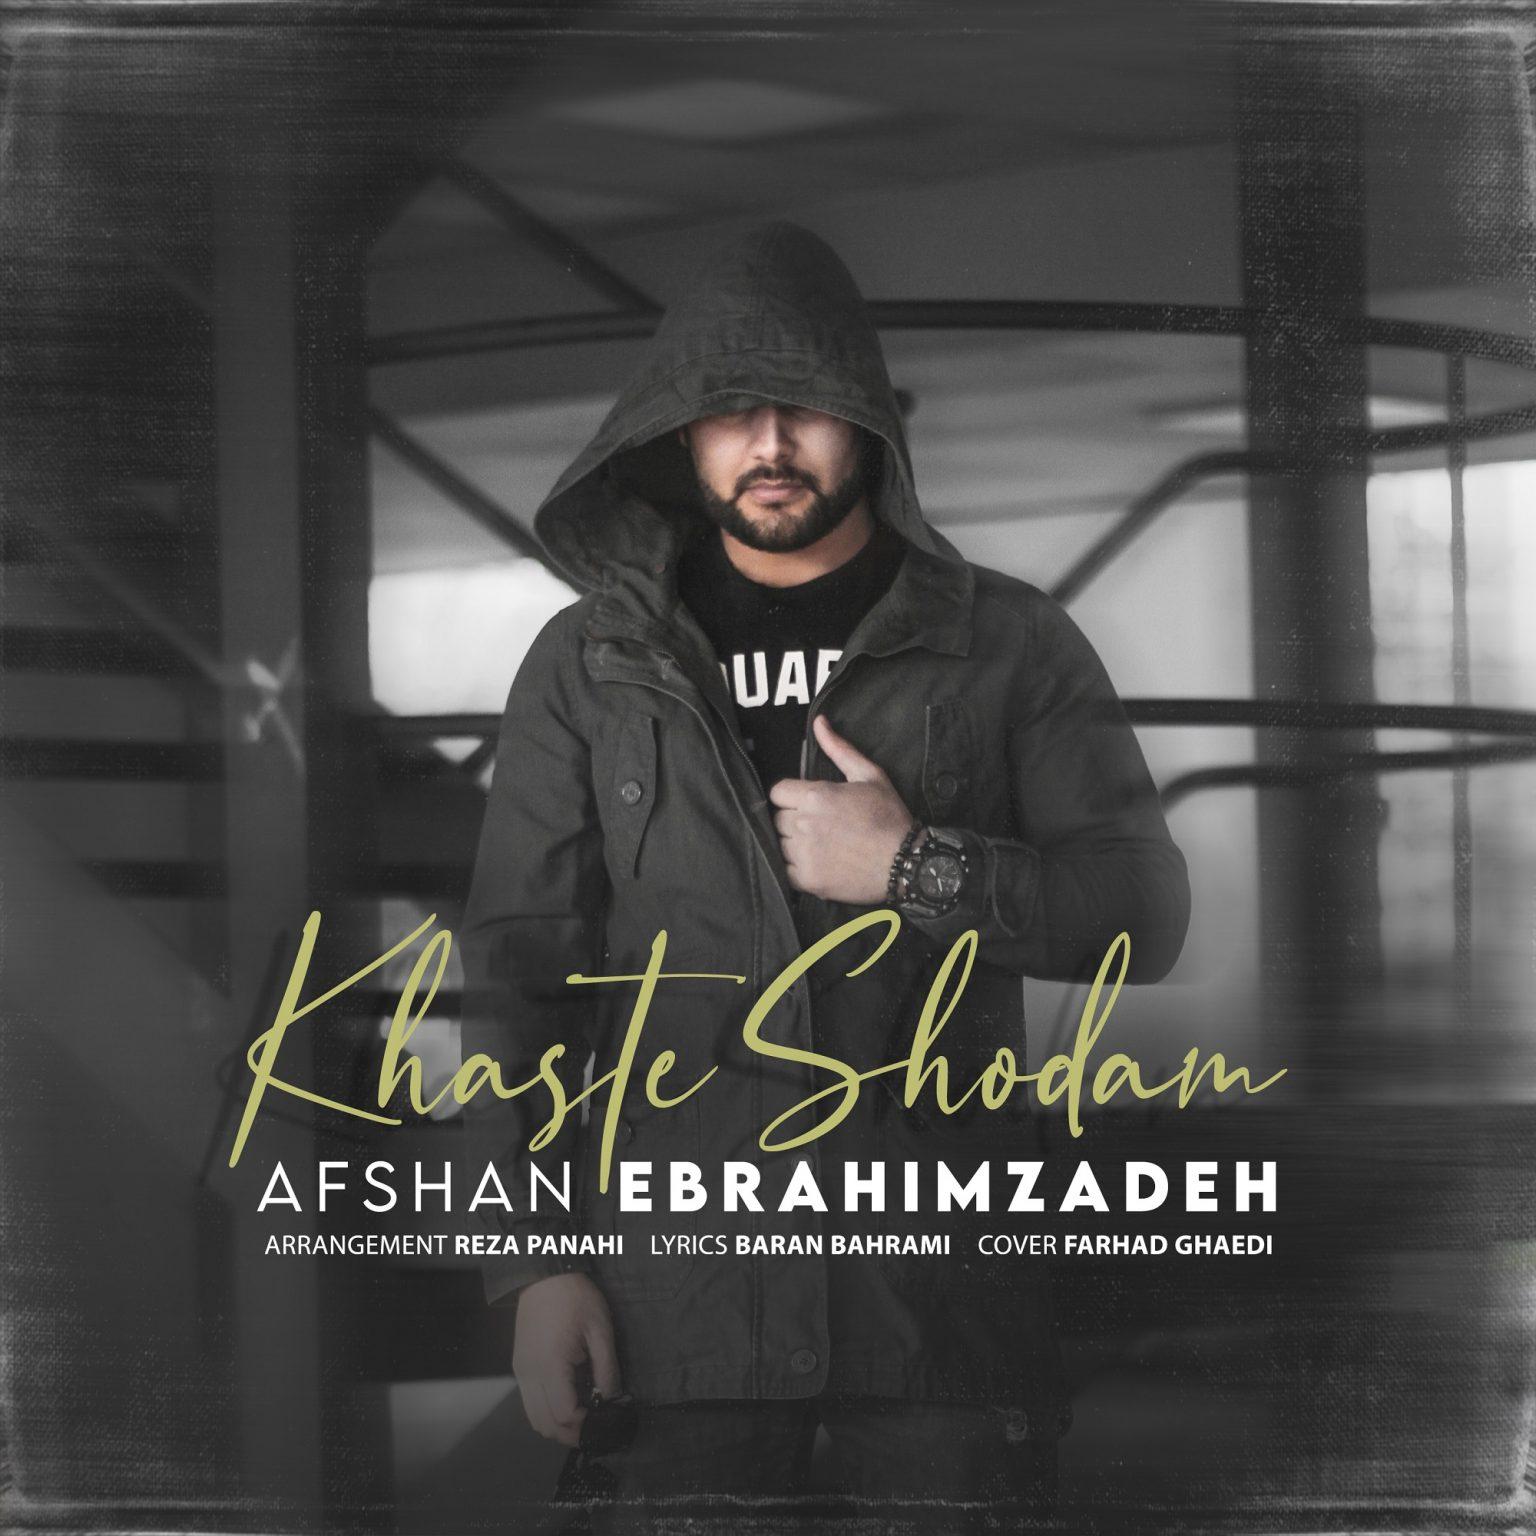 Afshan Ebrahimzadeh – khaste shodam